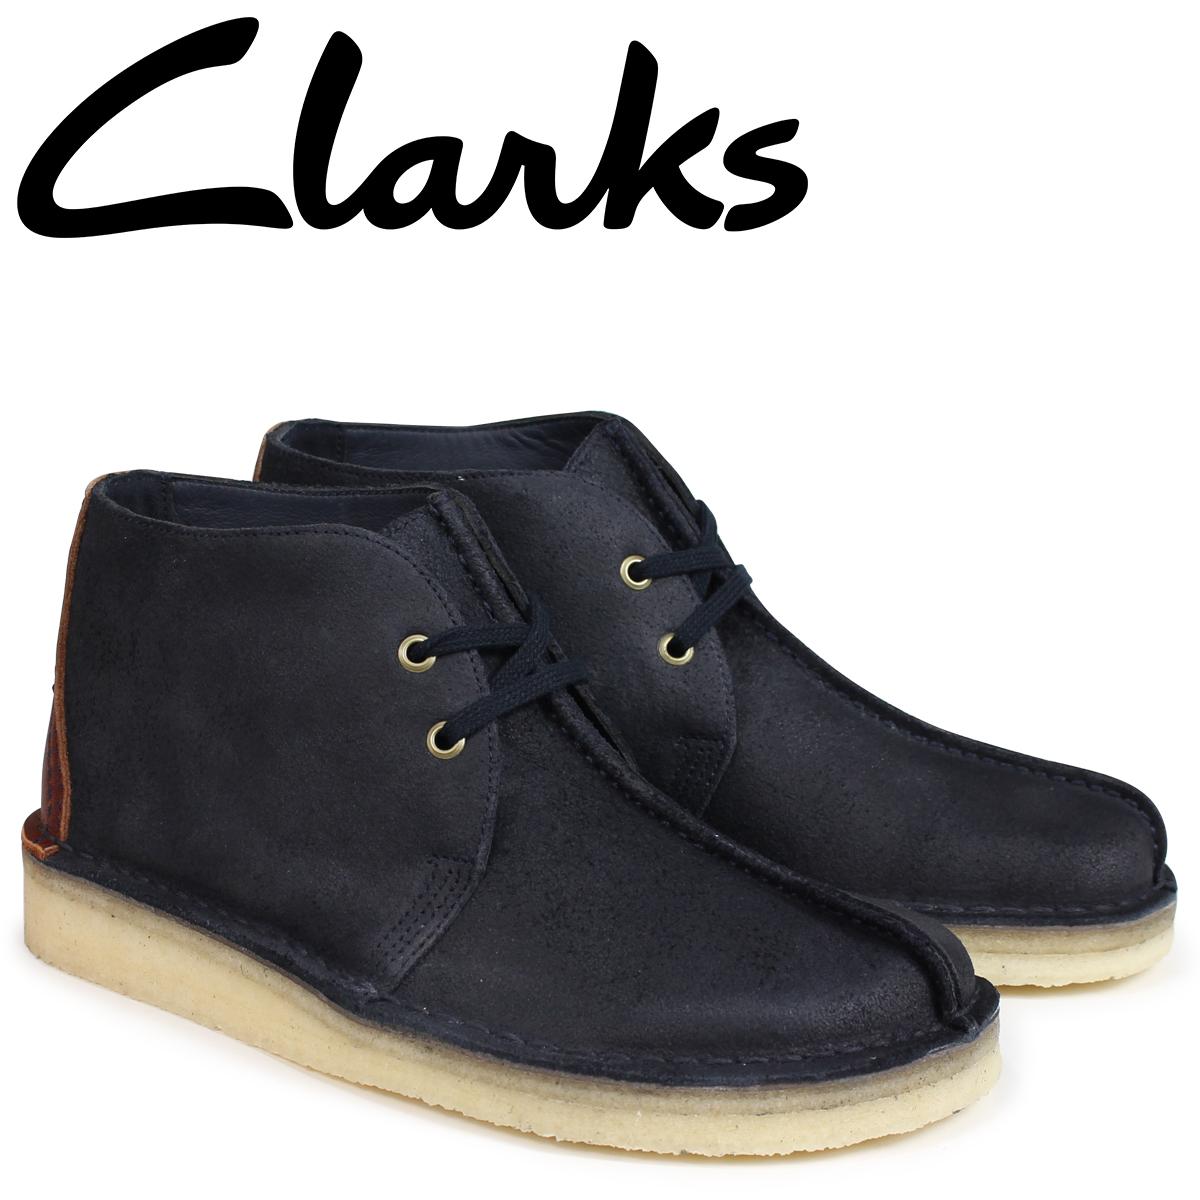 クラークス Clarks デザートトレックハイ ブーツ メンズ DESERT TREK HI 26134942 ダークネイビー